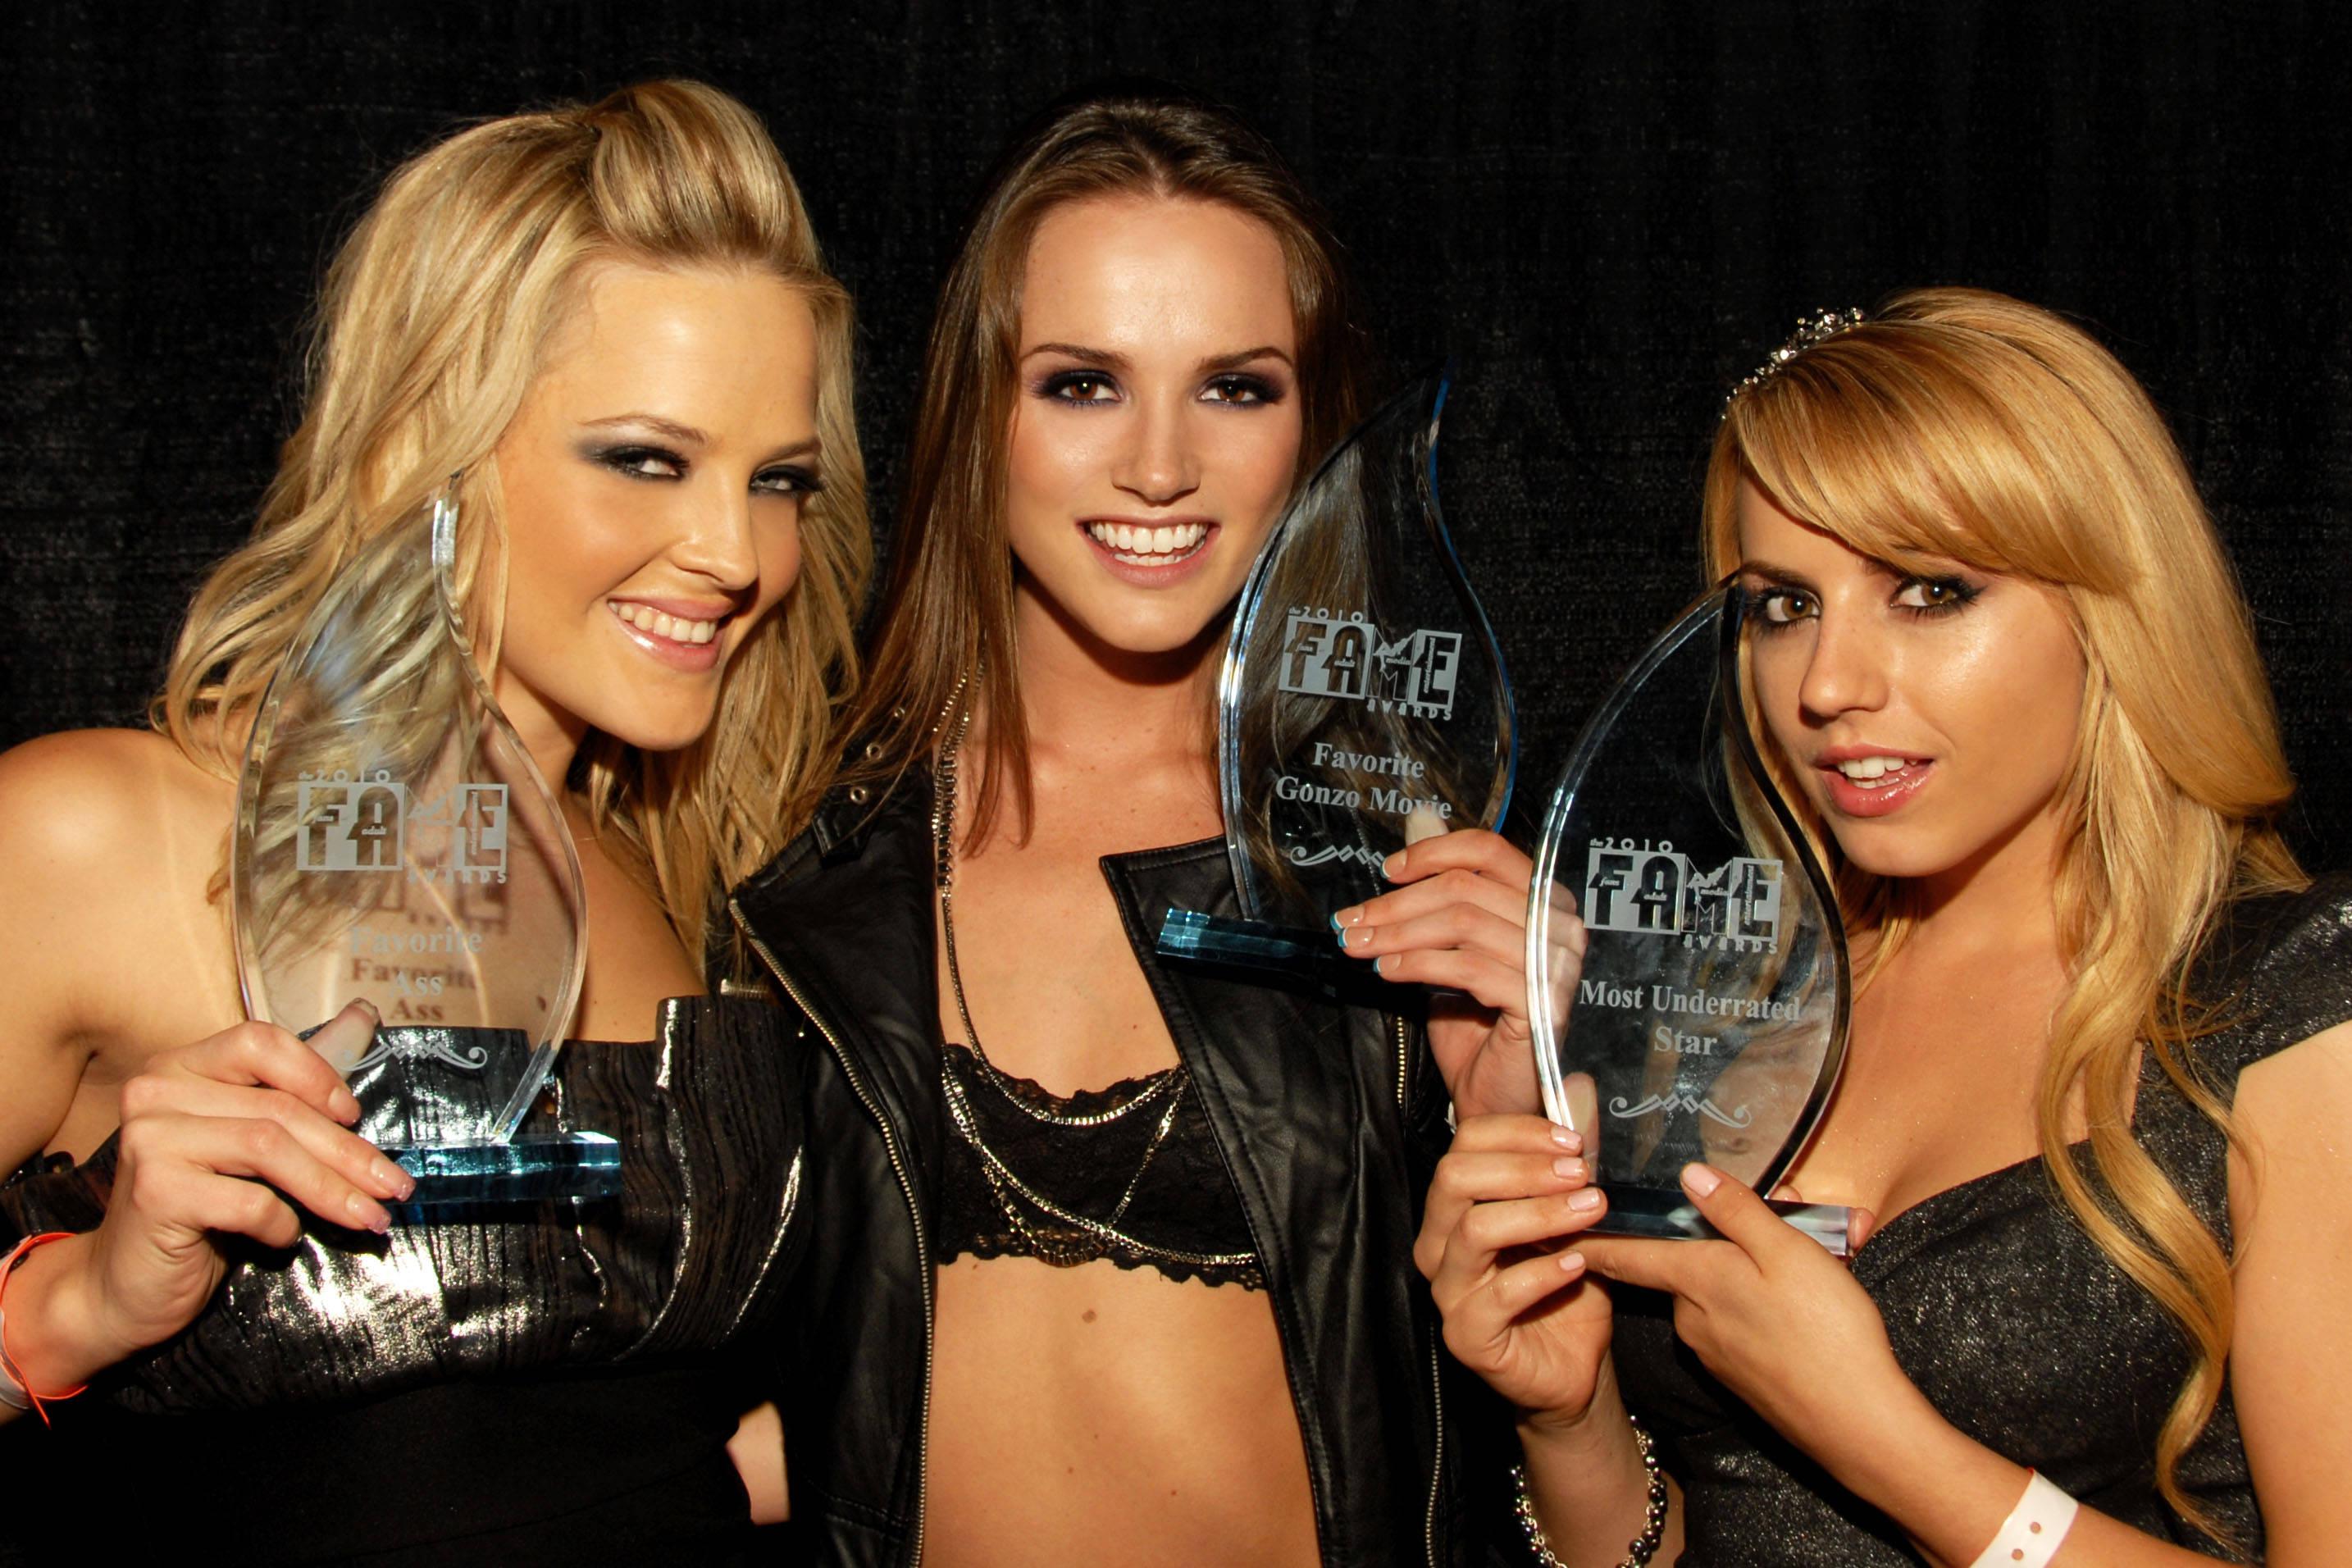 Alexis Texas, Tori Black And Lexi Belle, F.A.M.E. Awards